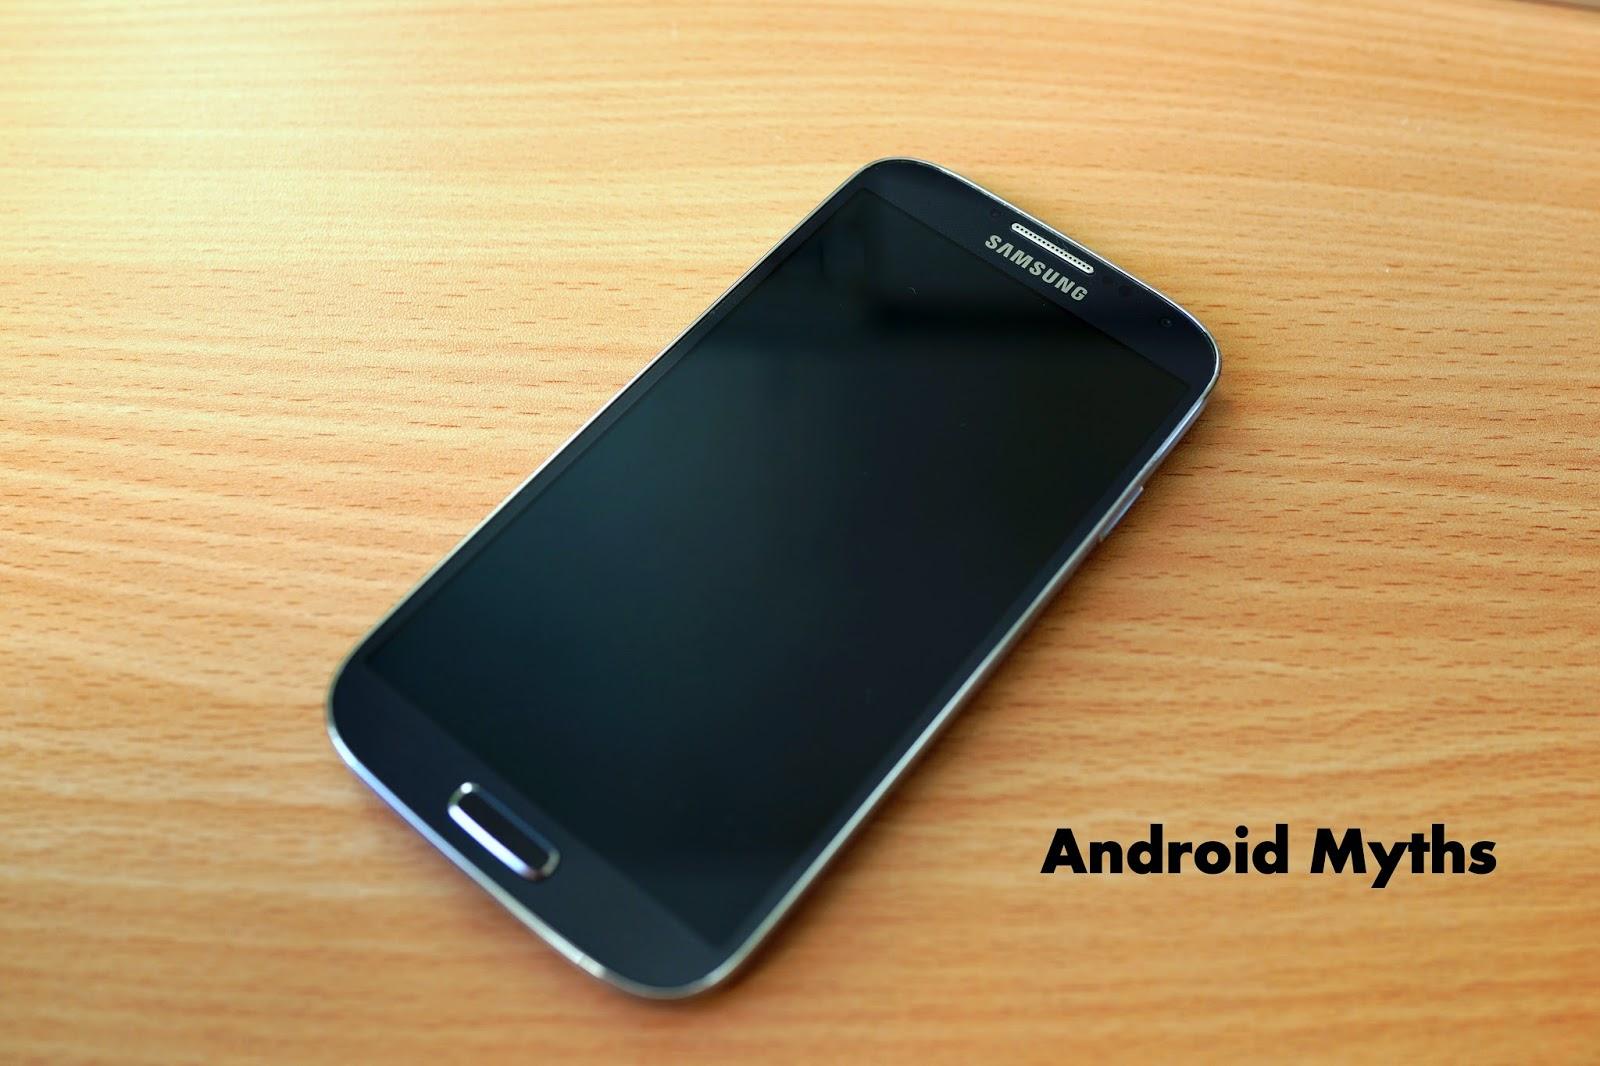 Galaxy S4 - Magazine cover